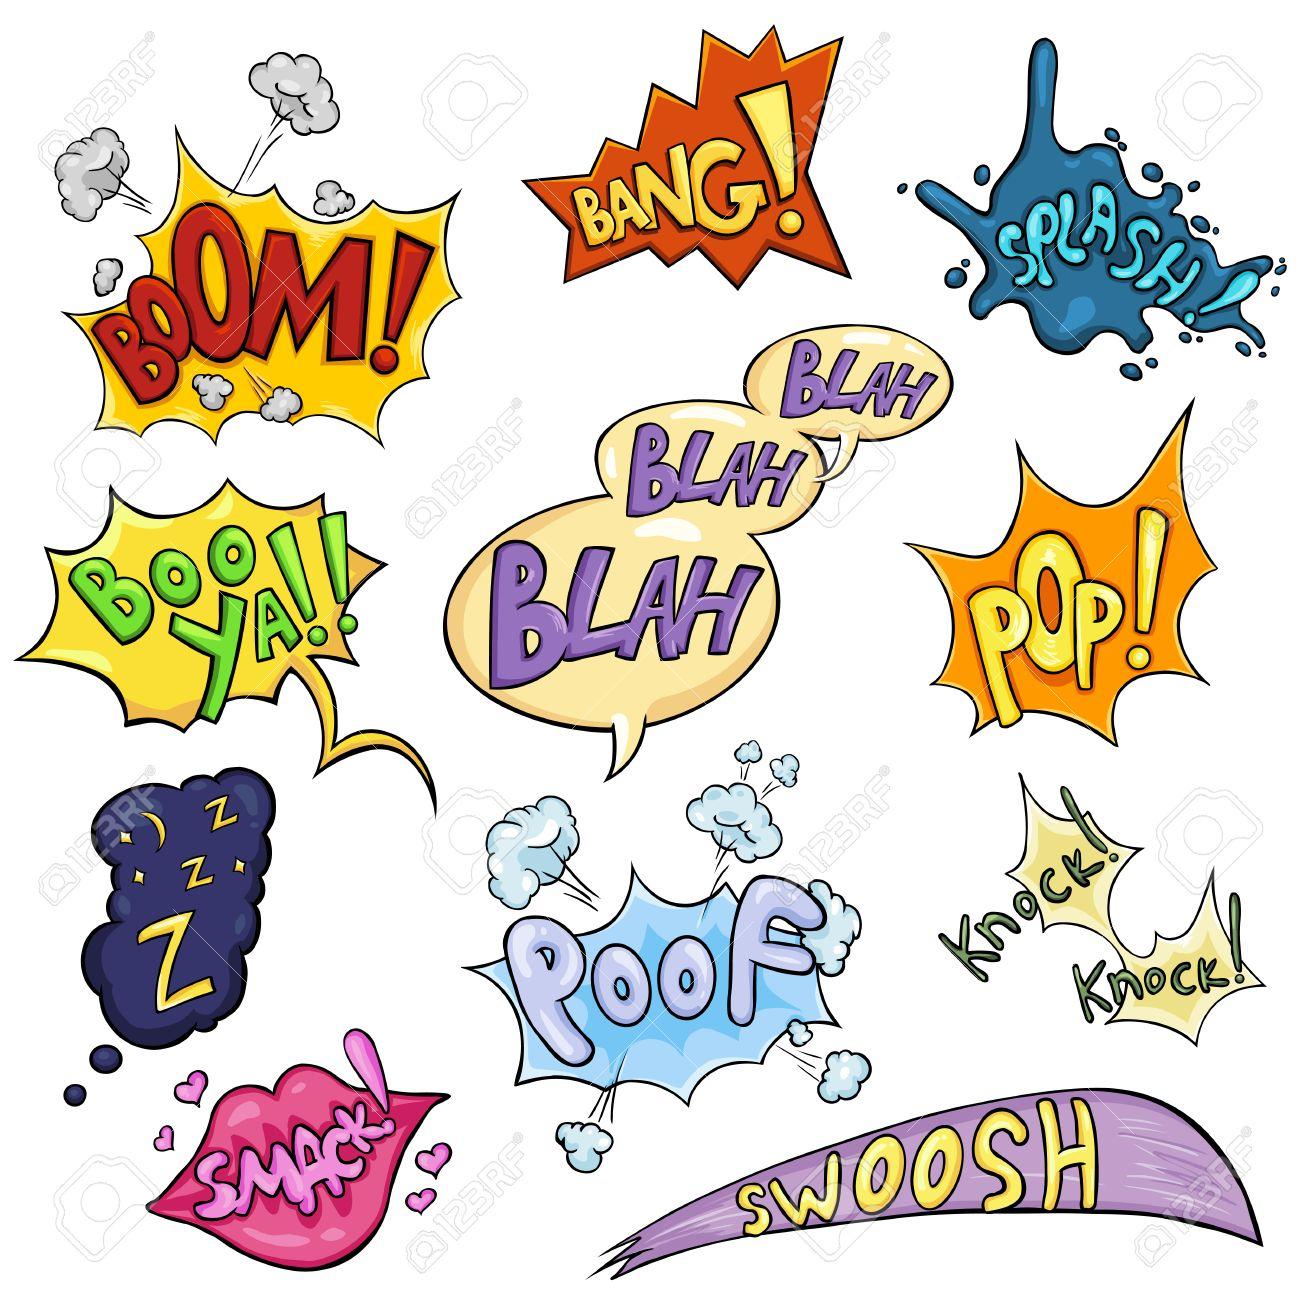 Vector Conjunto De Dibujos Animados Cómics Frases Y Efectos Boom Bang Splash Boo Ya Bla Bla Bla Pop Sio Smack Puf Knock Knock Swoosh